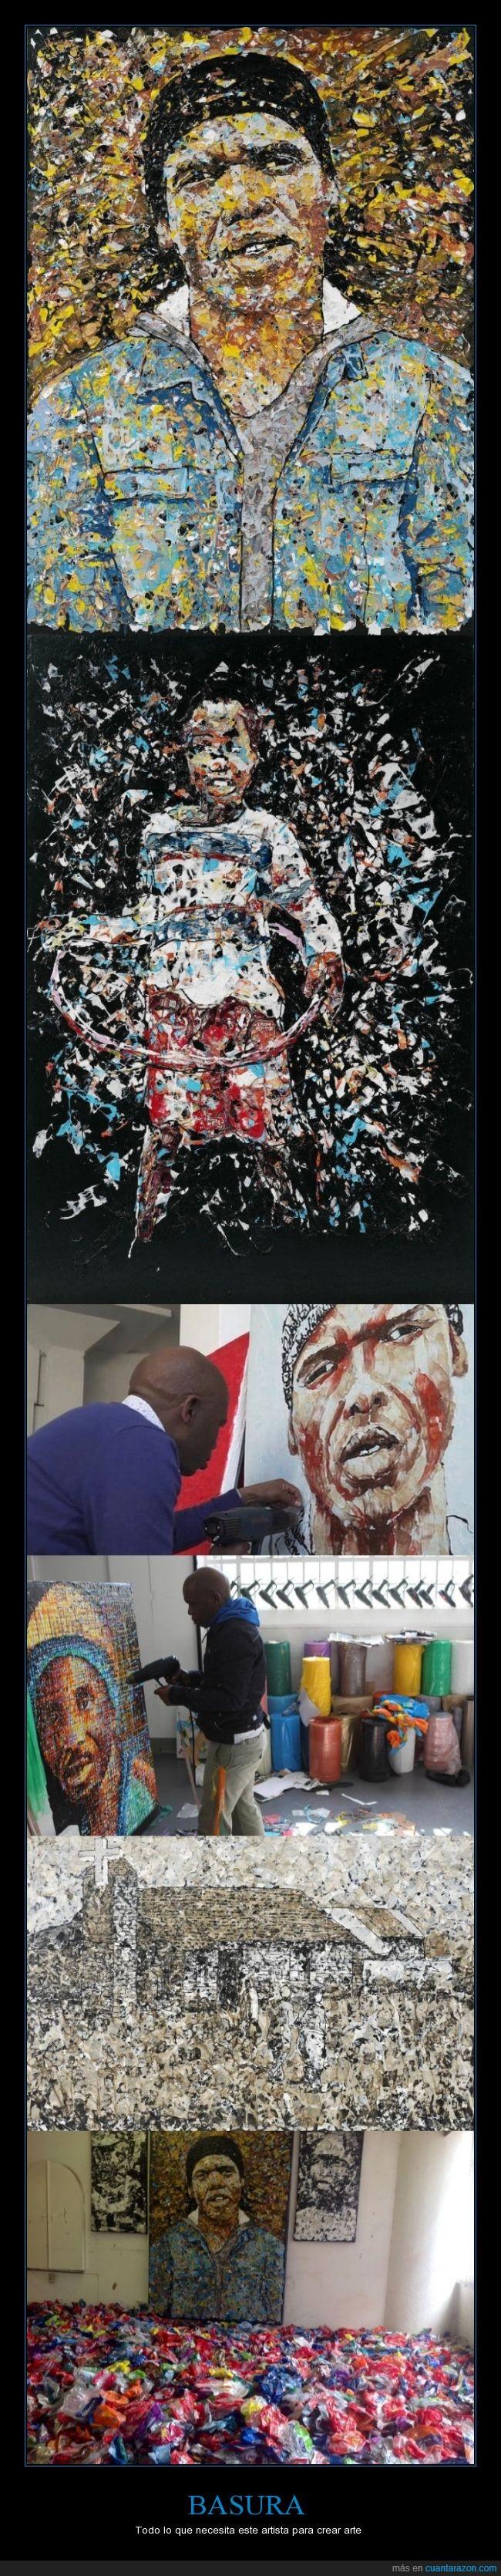 arte,artista,basura,buthelezi,cuadros